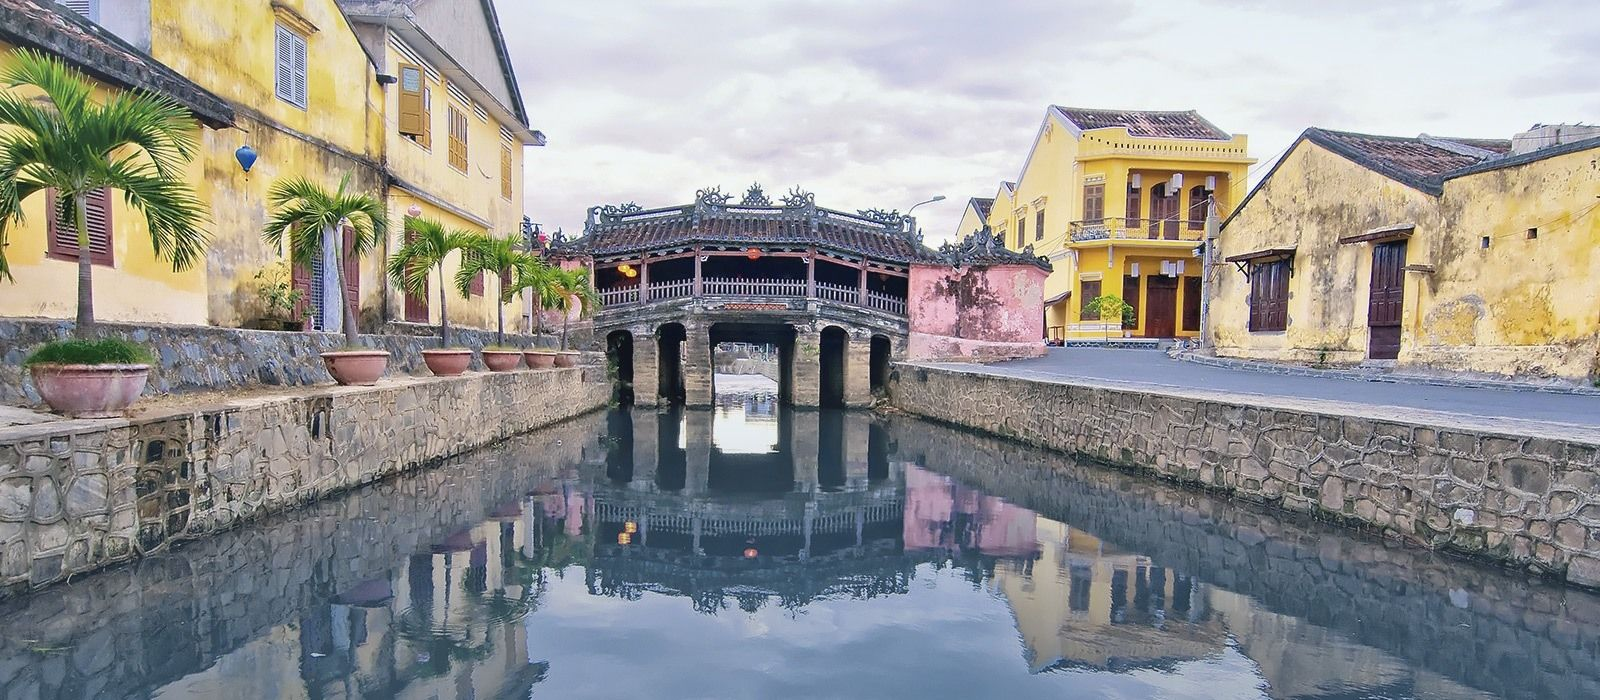 Destination Hoi An Vietnam